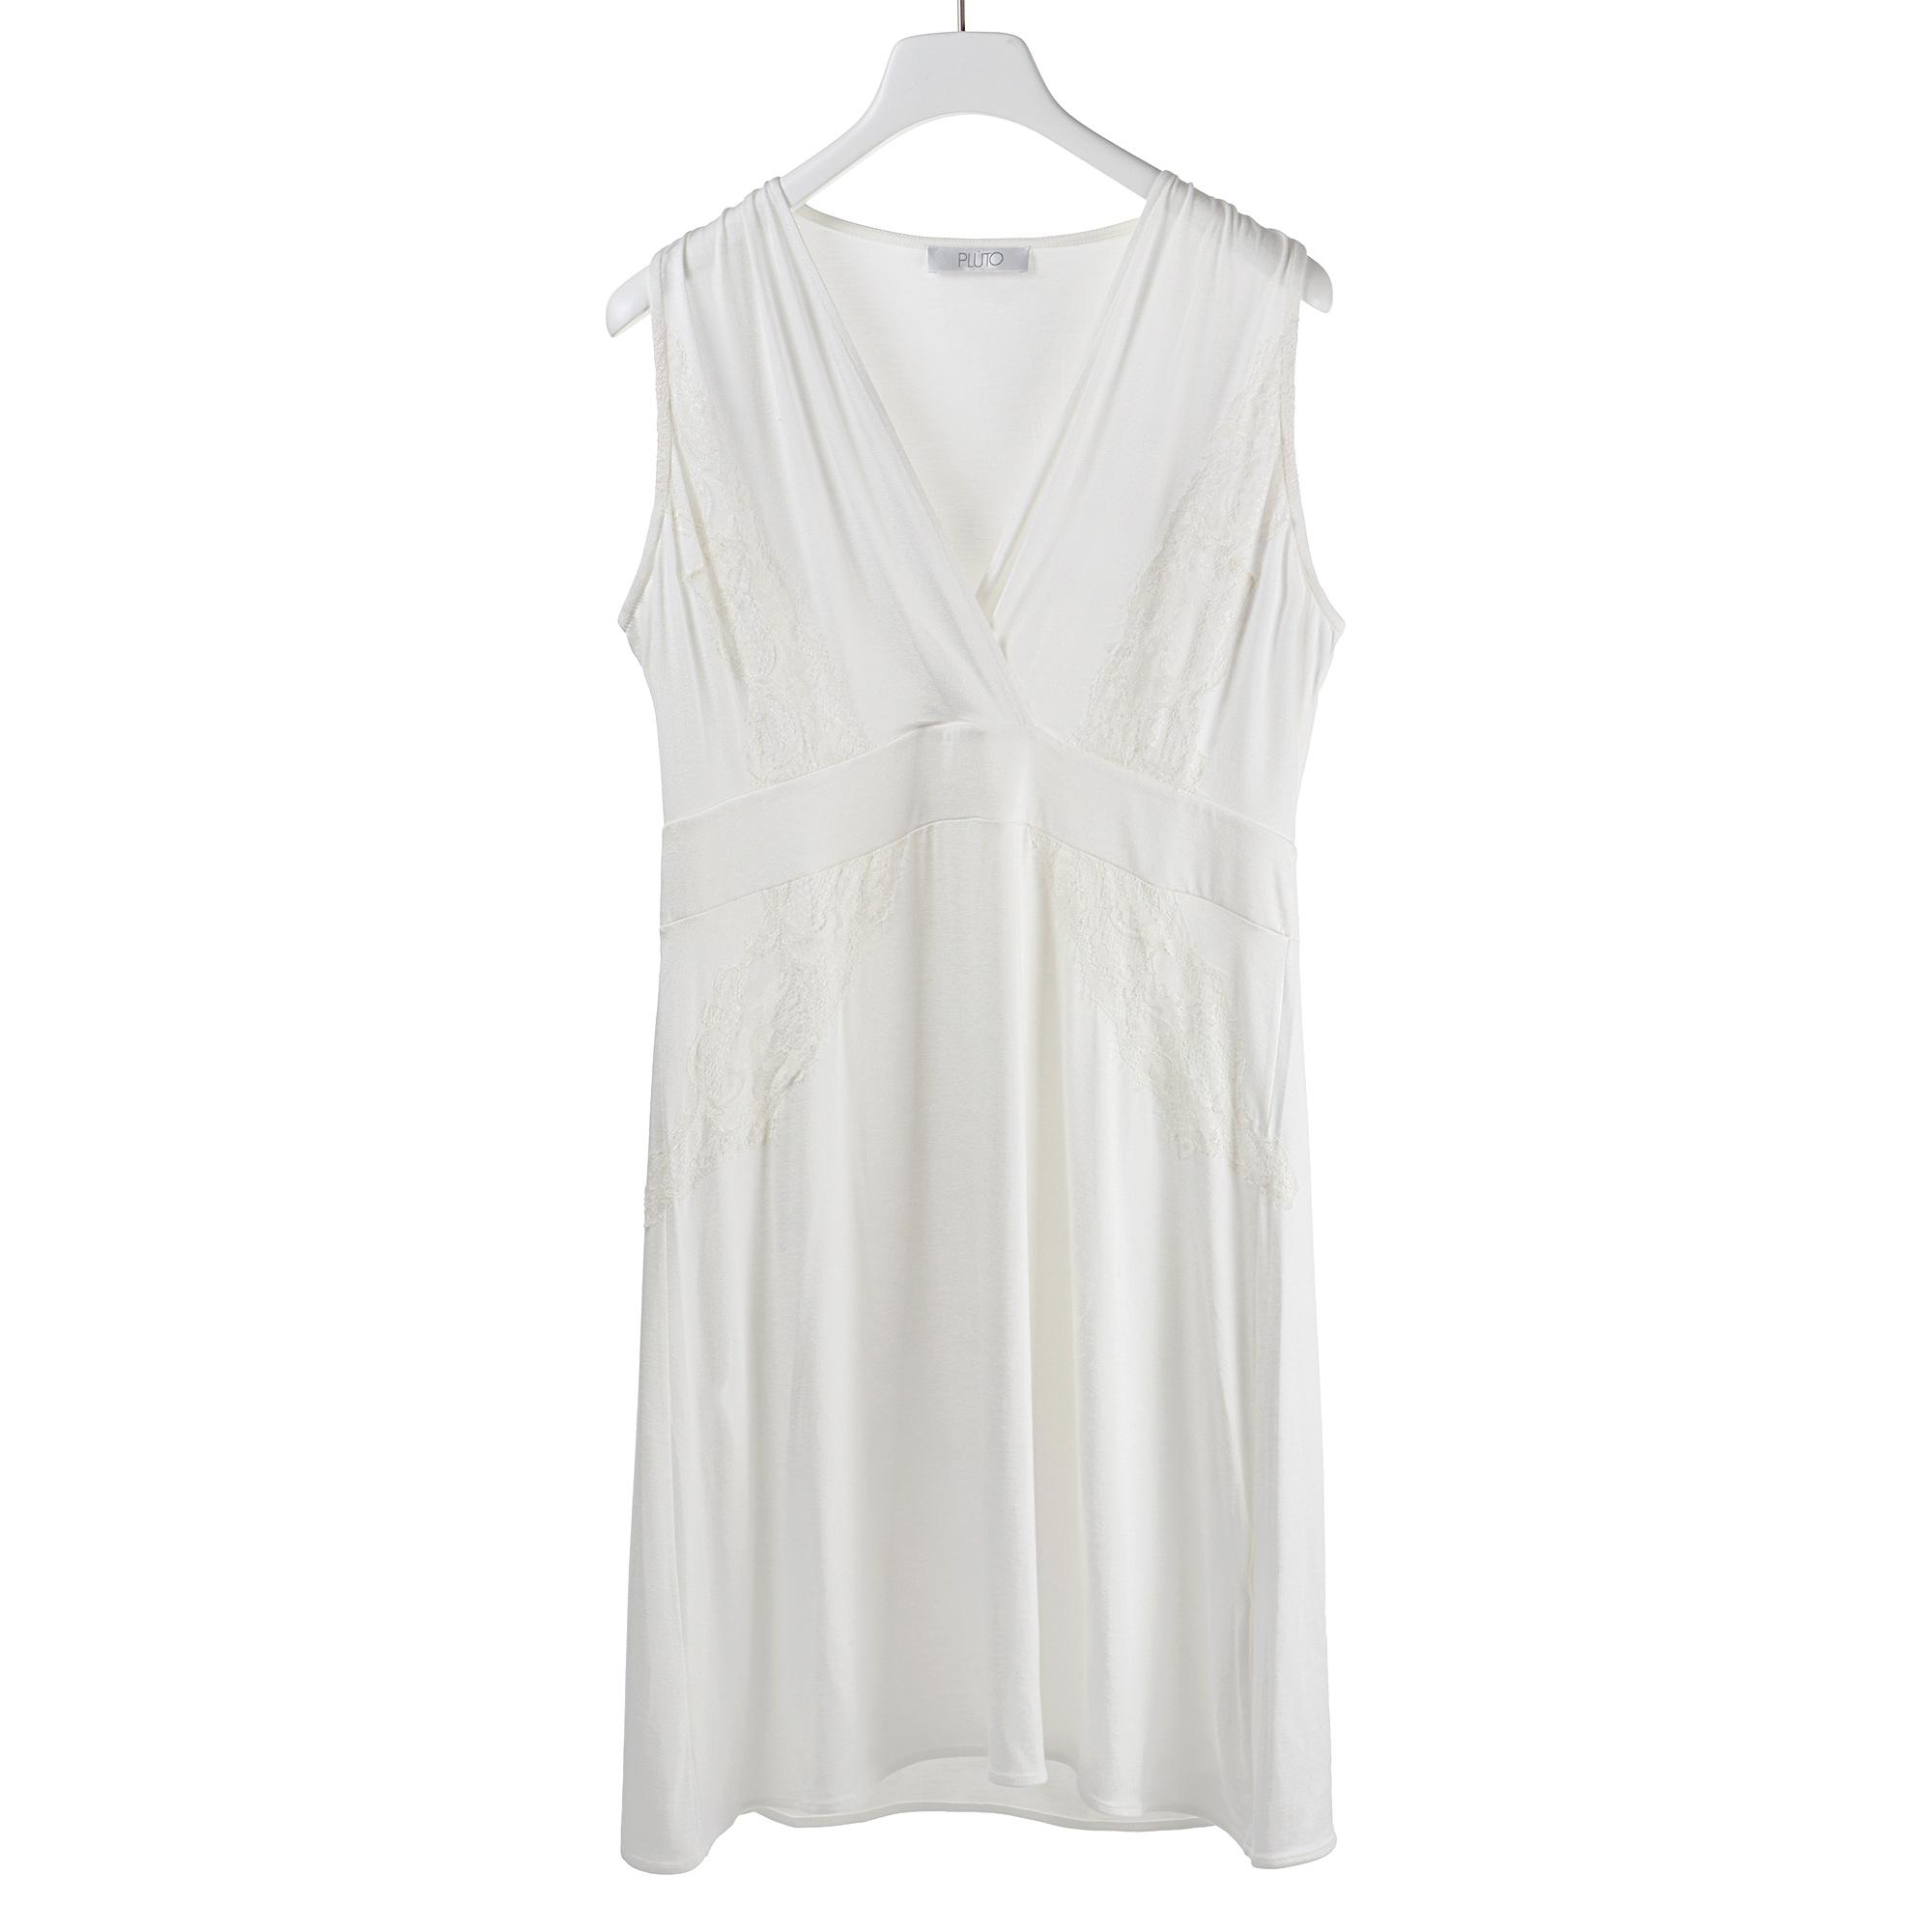 Платье женское для дома Pluto трикотажное, отделка кружевом, размер: L